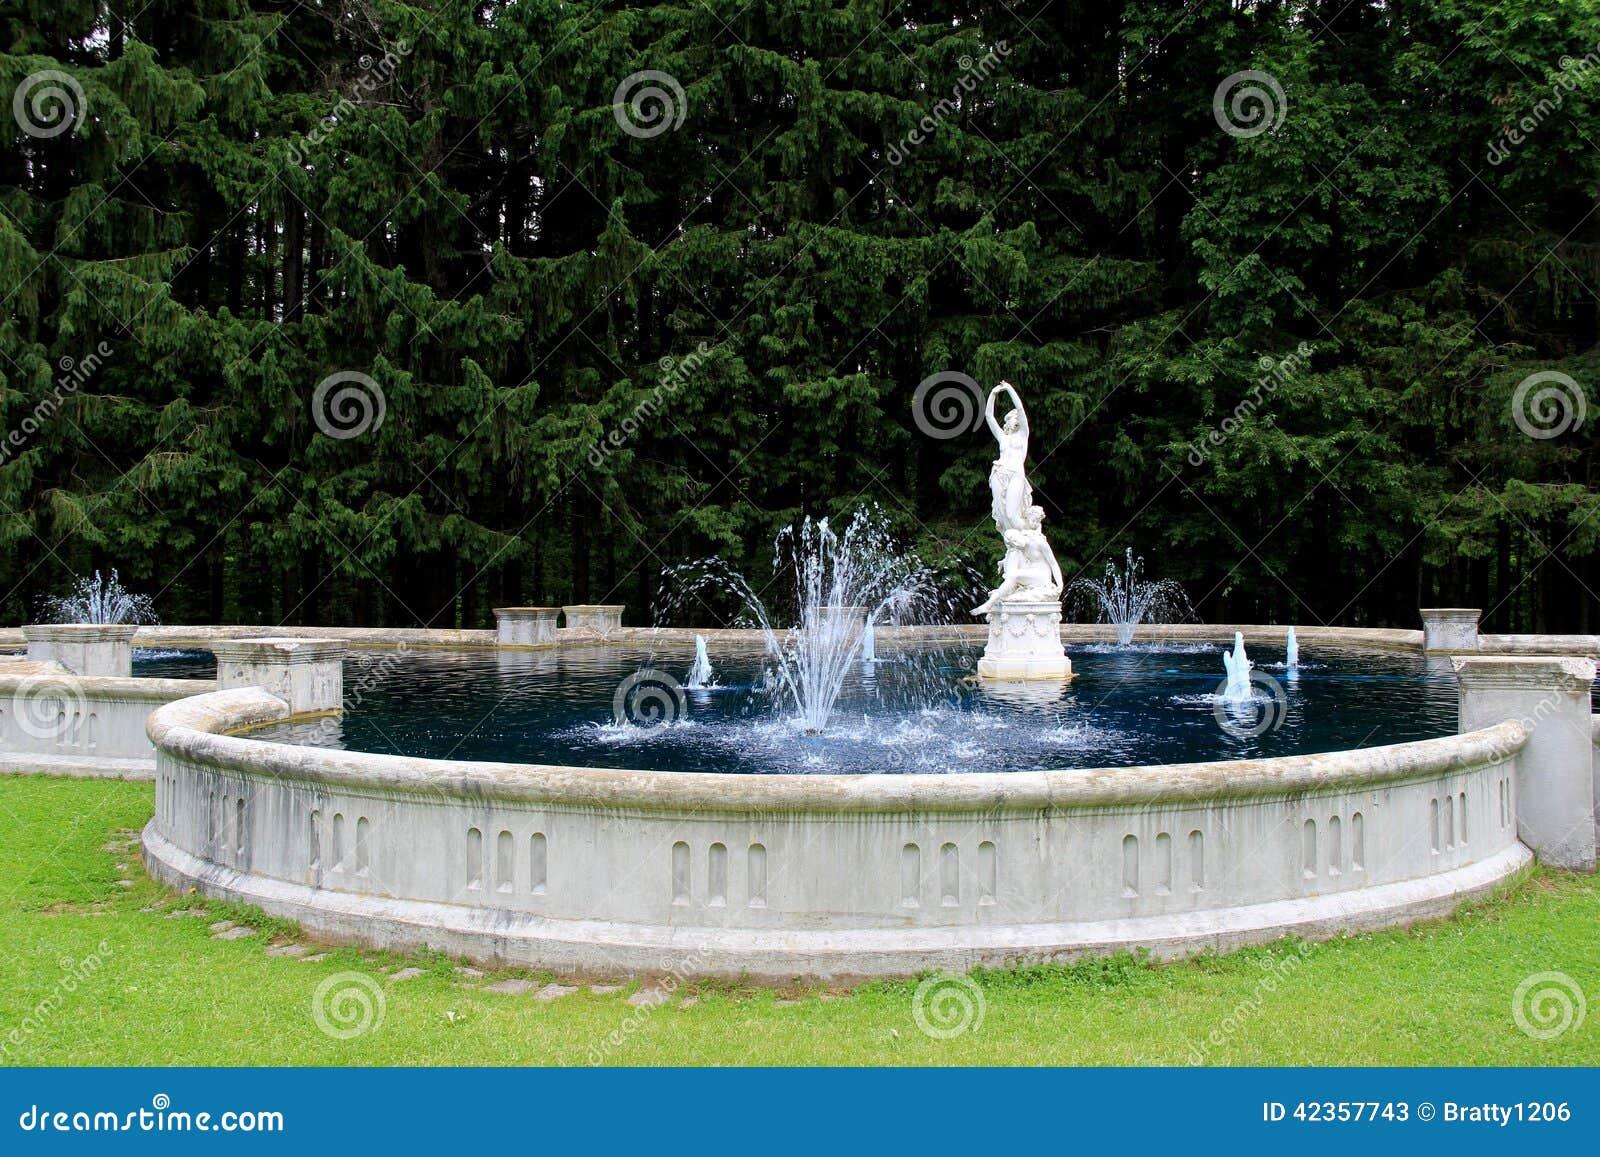 Fuente de agua y estatuas hermosas jardines de yaddo - Jardines con fuentes de agua ...